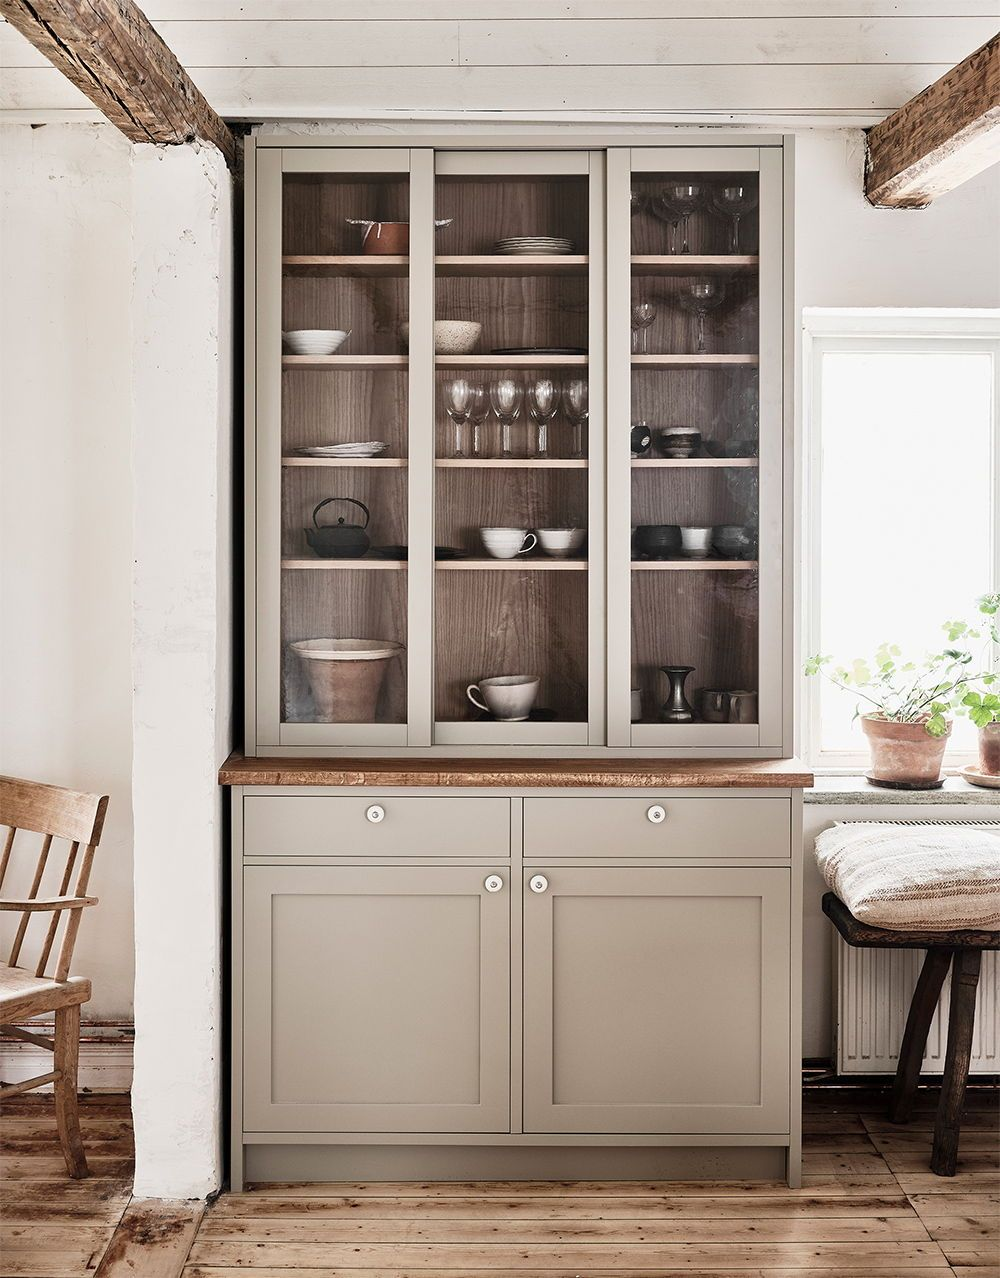 Nordiska Kok Farmhouse Kitchen For Ellen Dixdotter On Osterlen Heart Of The Home Is The Bespoke Shaker Kitchen With De Koksdesigner Koksdesign Bondgardskok